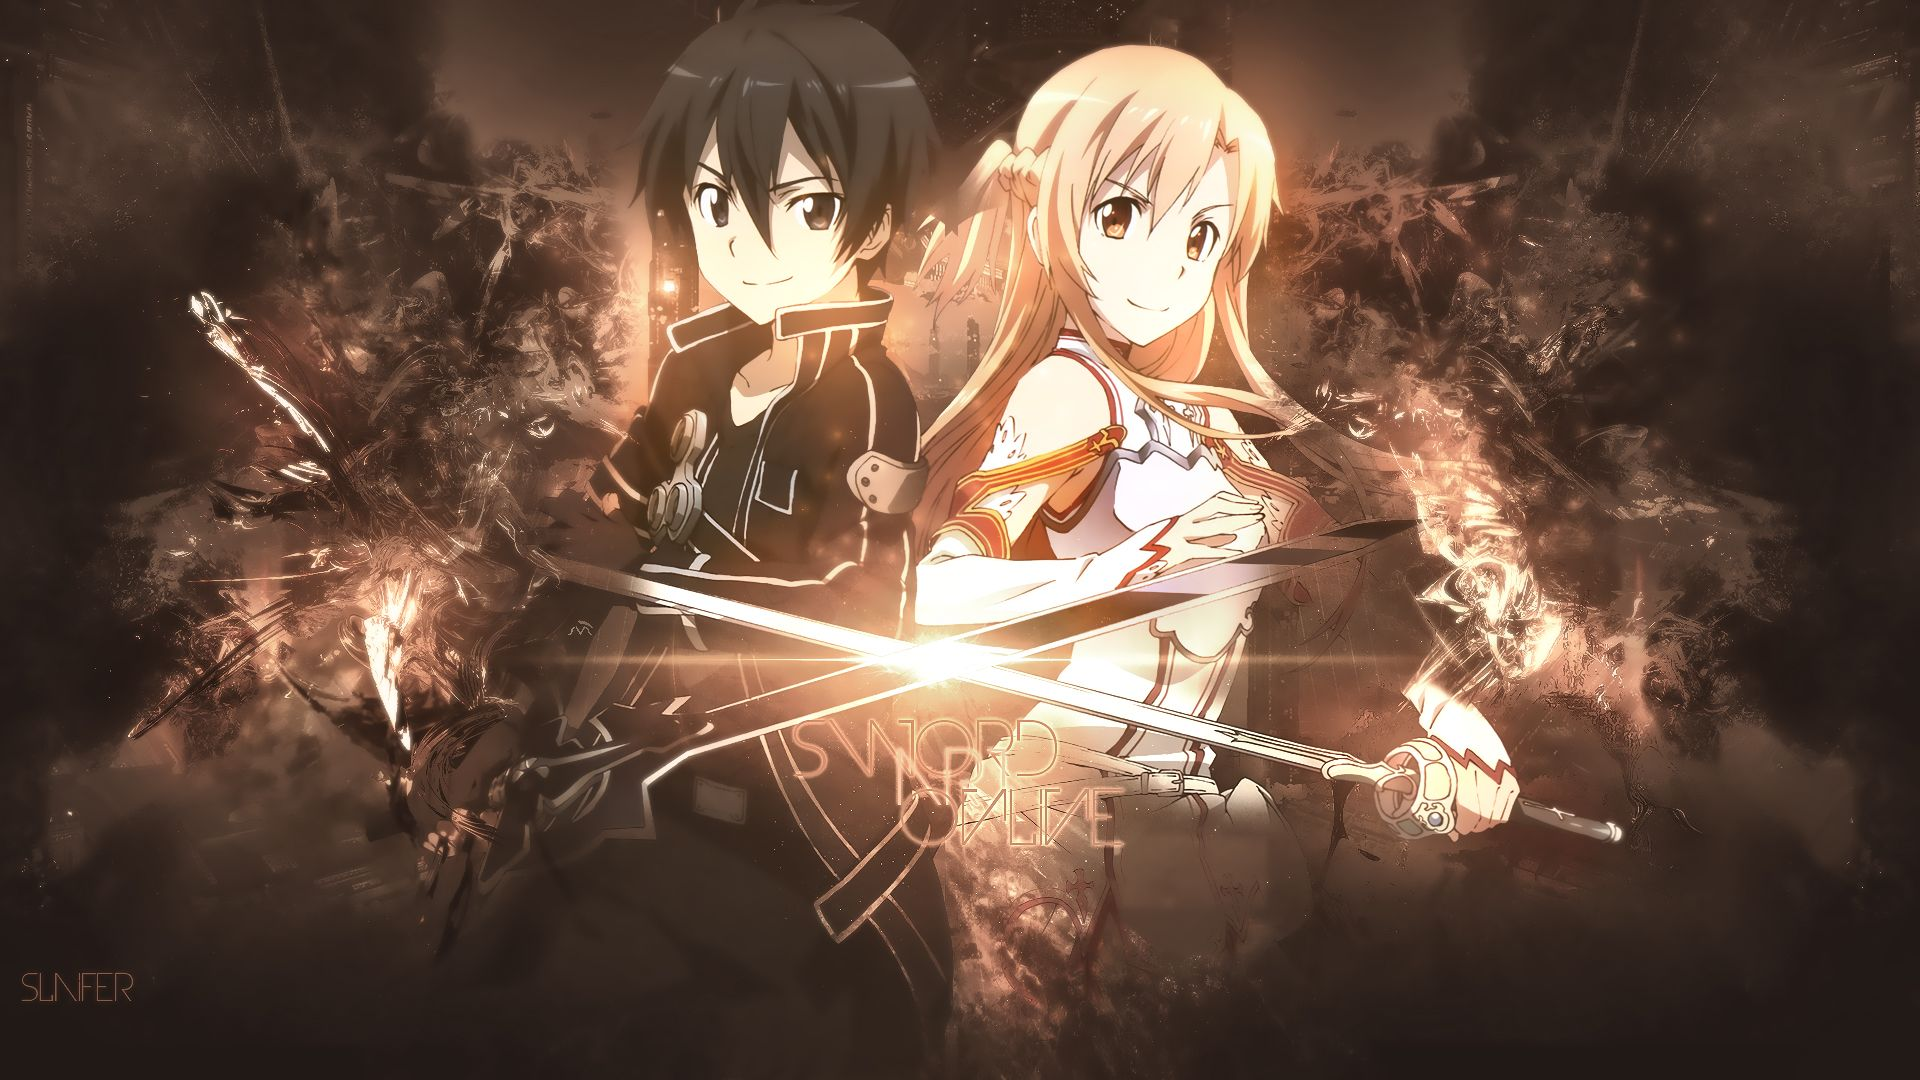 Sword Art Online Background In 2020 Sword Art Online Wallpaper Sword Art Online Kirito Sword Art Online Asuna